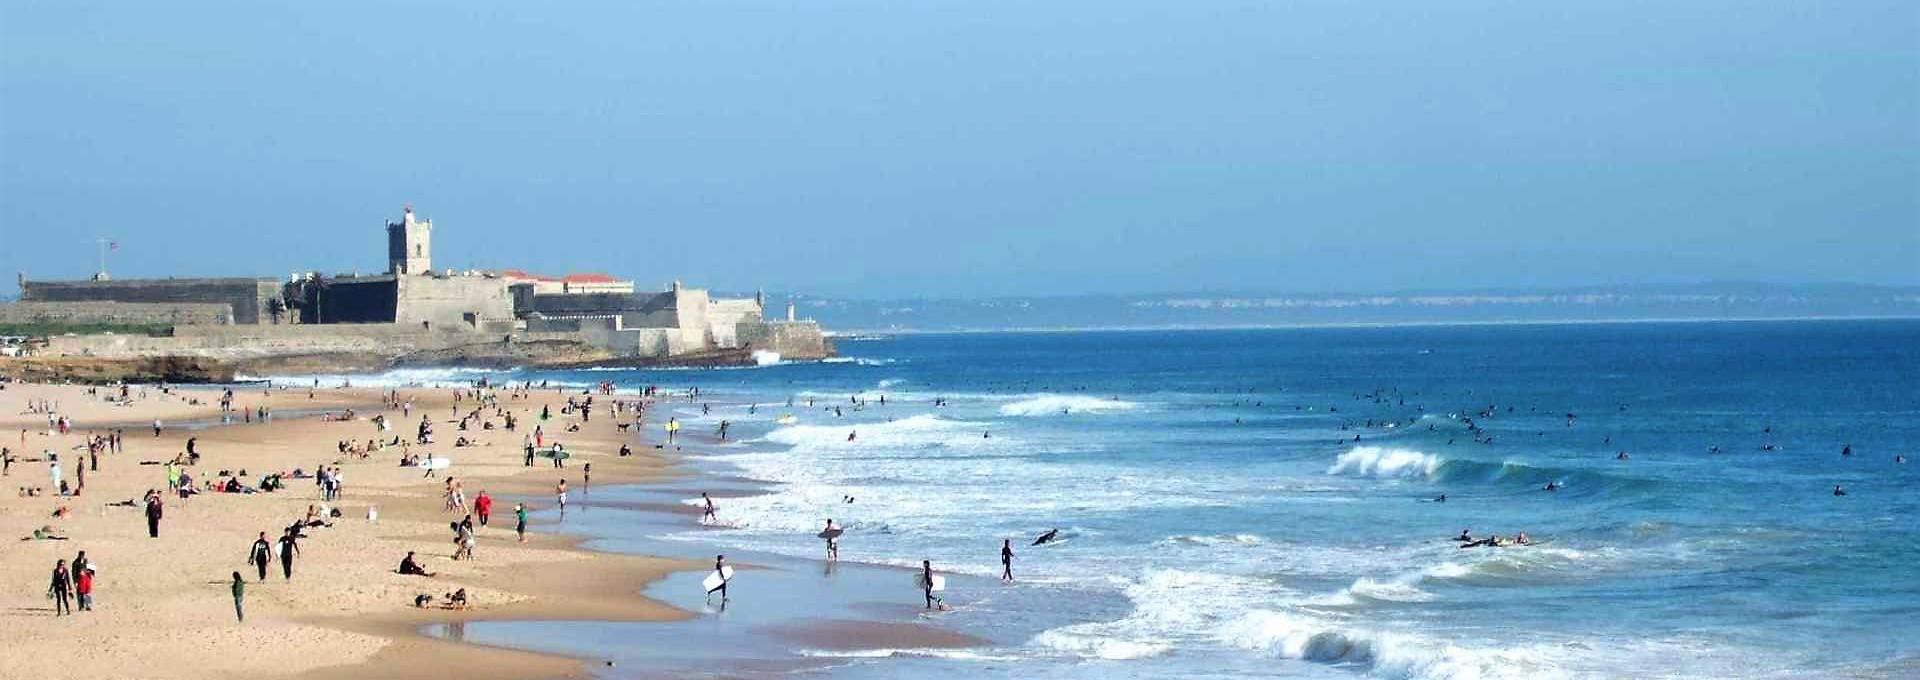 Carcavelos – Praia e Boas Ondas